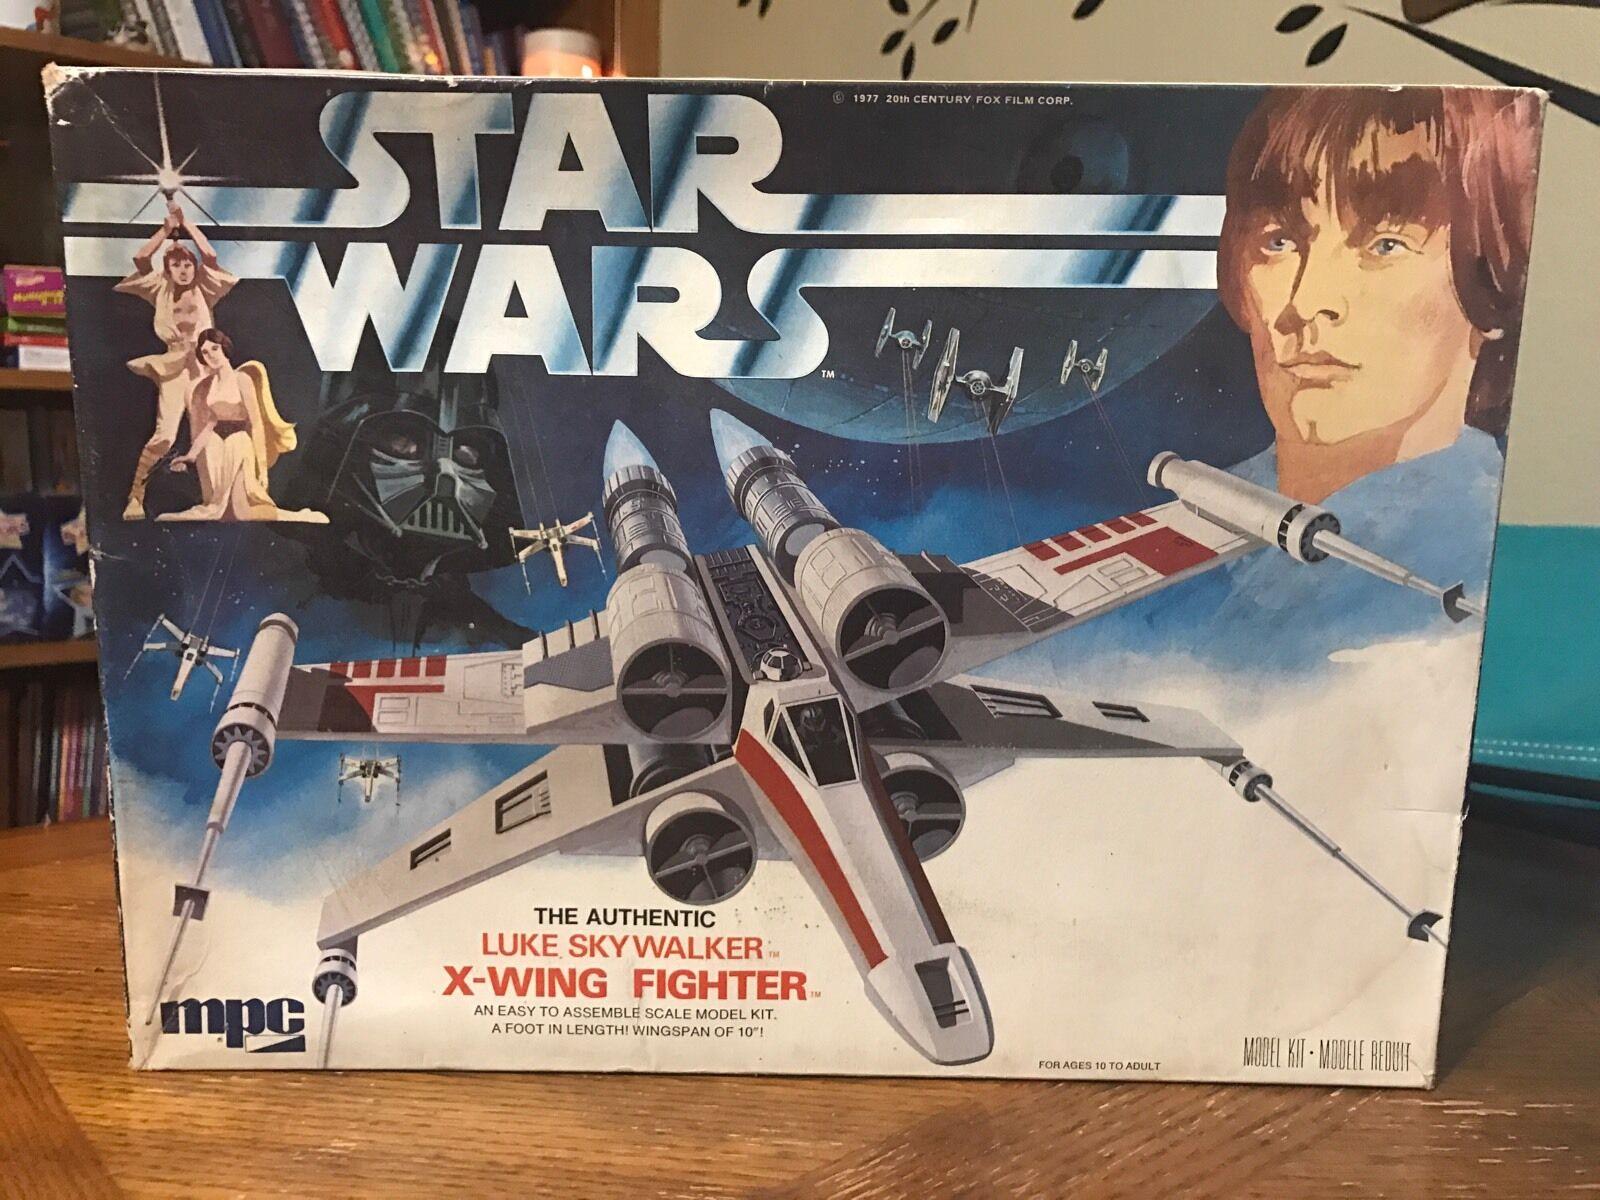 Estrella Wars Luke Skywalker X-Wing Fighter Open Box 1977